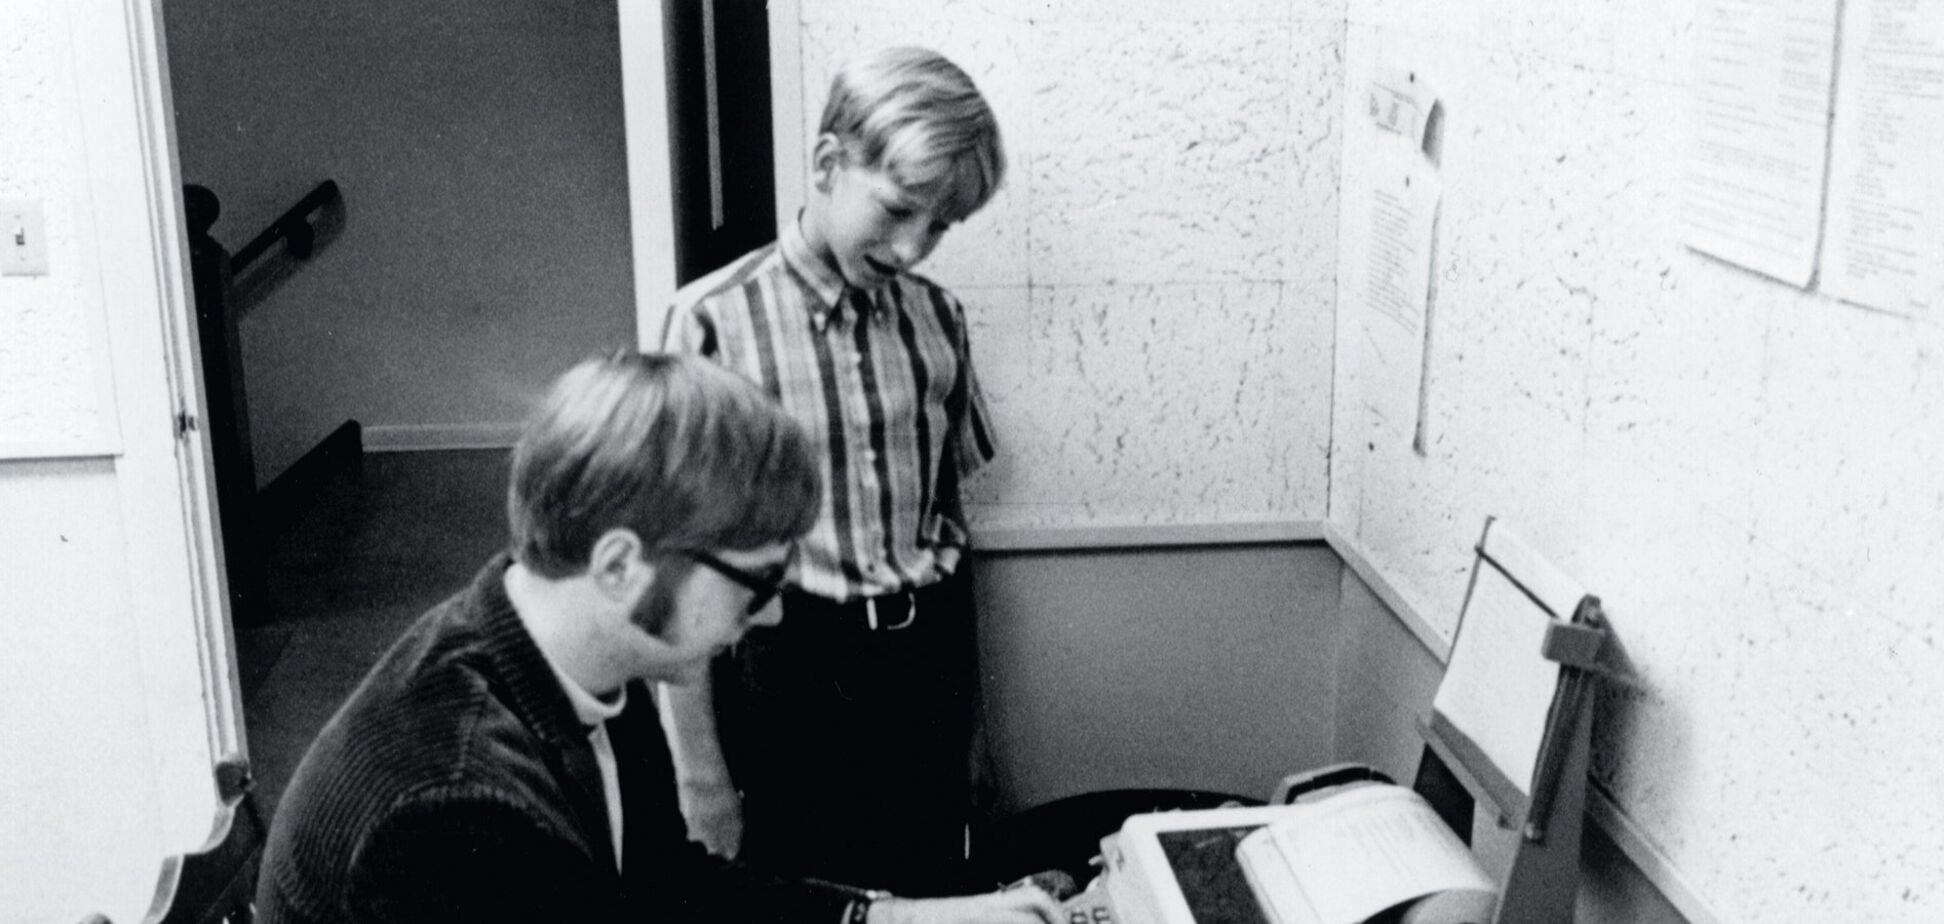 В сети засветили архивное фото, на котором будущие основатели Microsoft тестируют компьютер